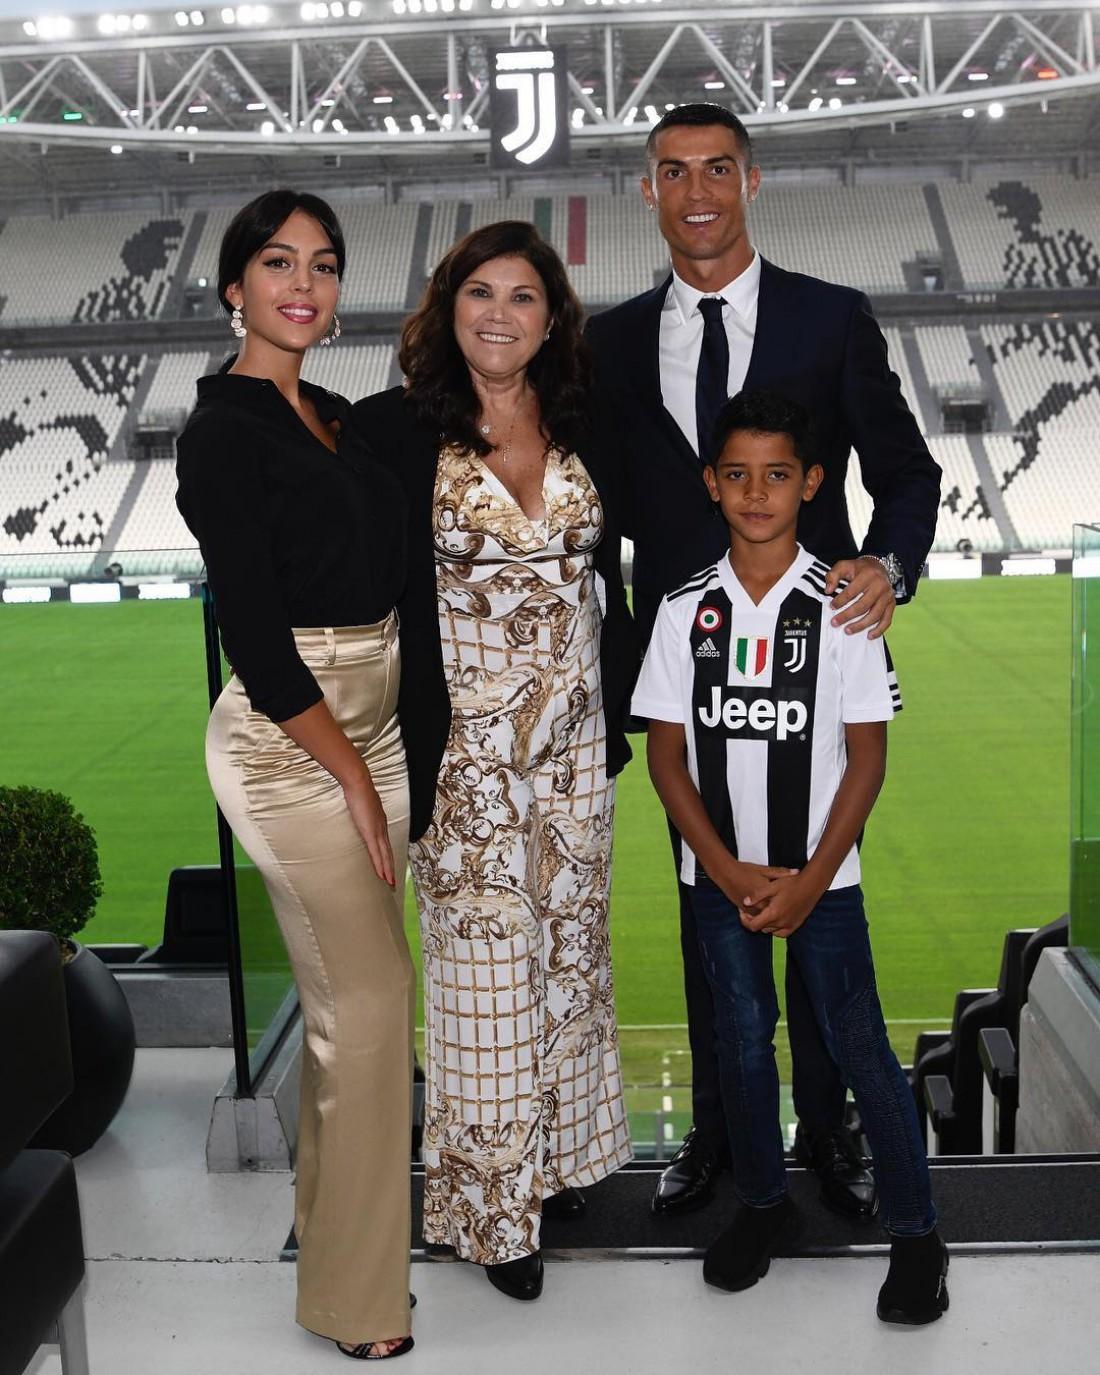 Криштиану Роналду с семьей на Альянц Стадиум